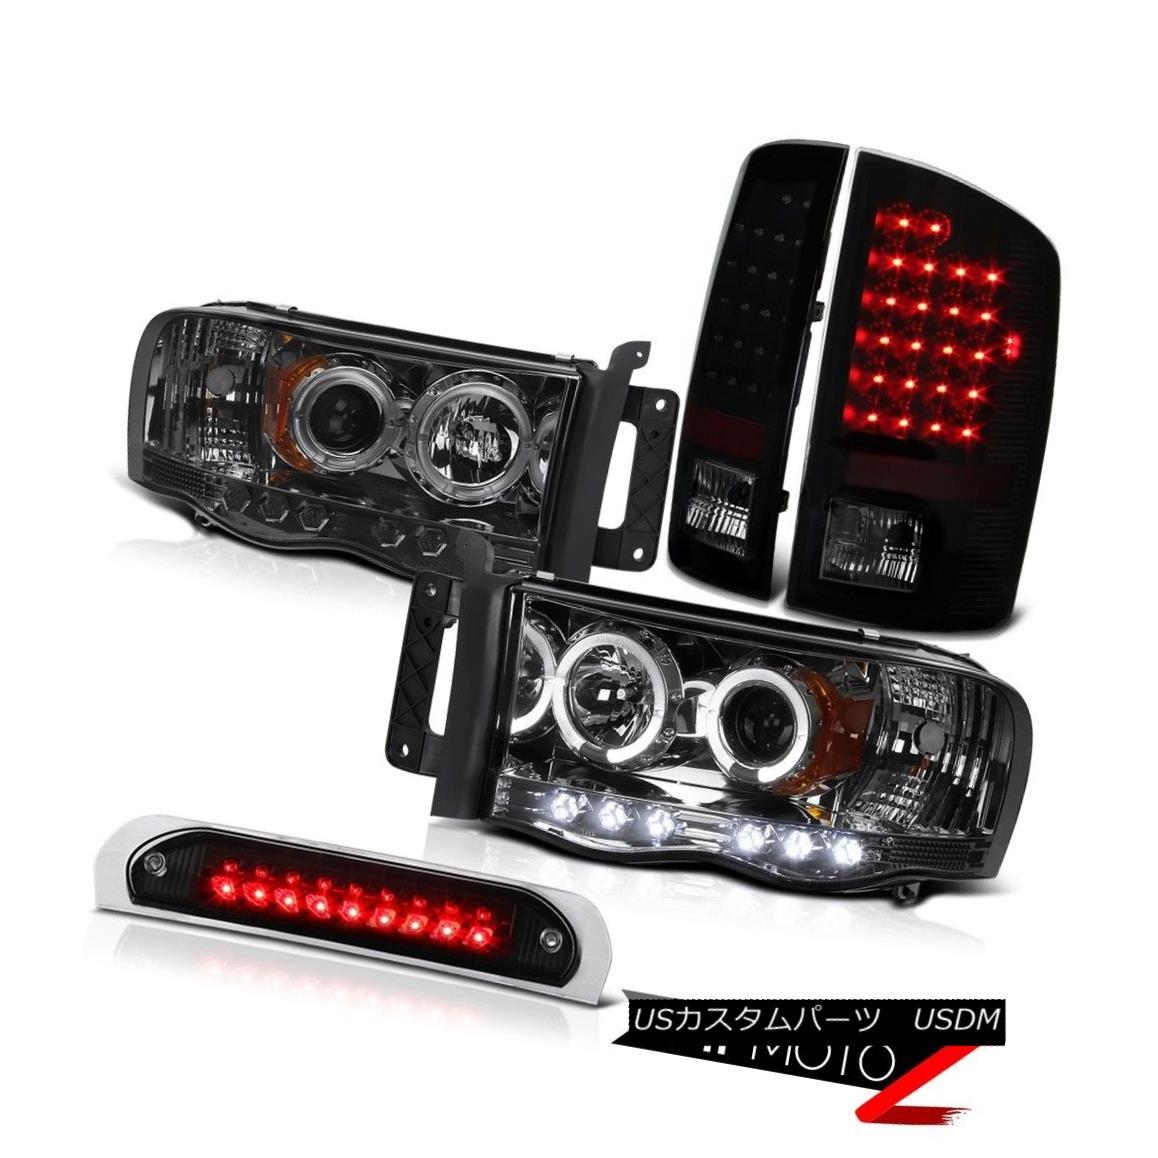 テールライト Tinted Headlights Smoke LED Tail Lights Third Brake Cargo 02 03 04 05 Ram WS 着色されたヘッドライトスモークLEDテールライトThird Brake Cargo 02 03 04 05 Ram WS